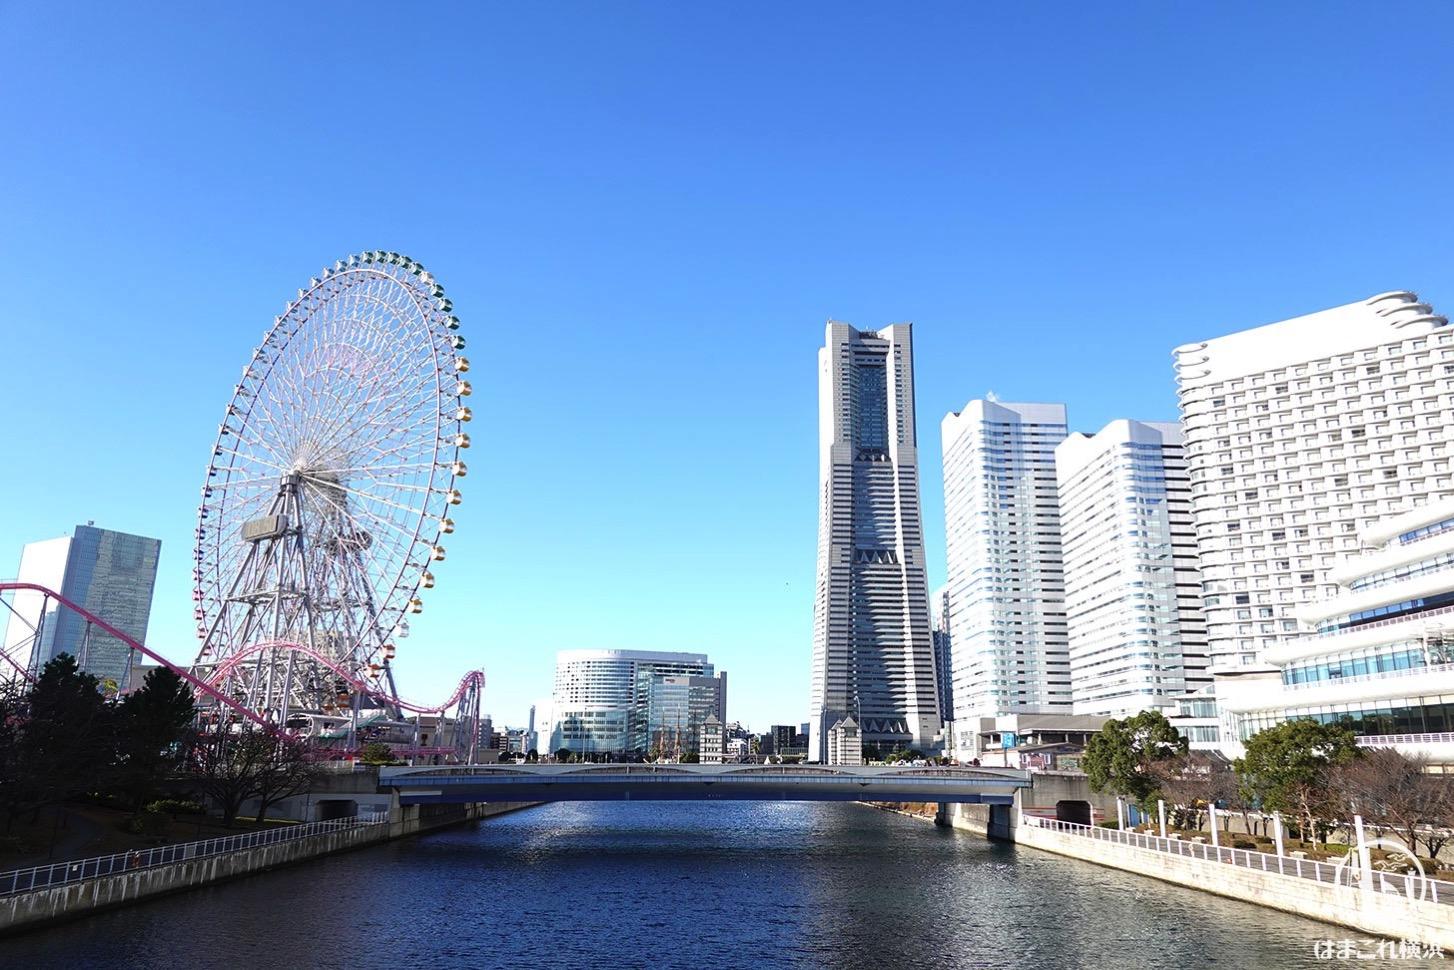 横浜ランドマークタワーと大観覧車と国際橋